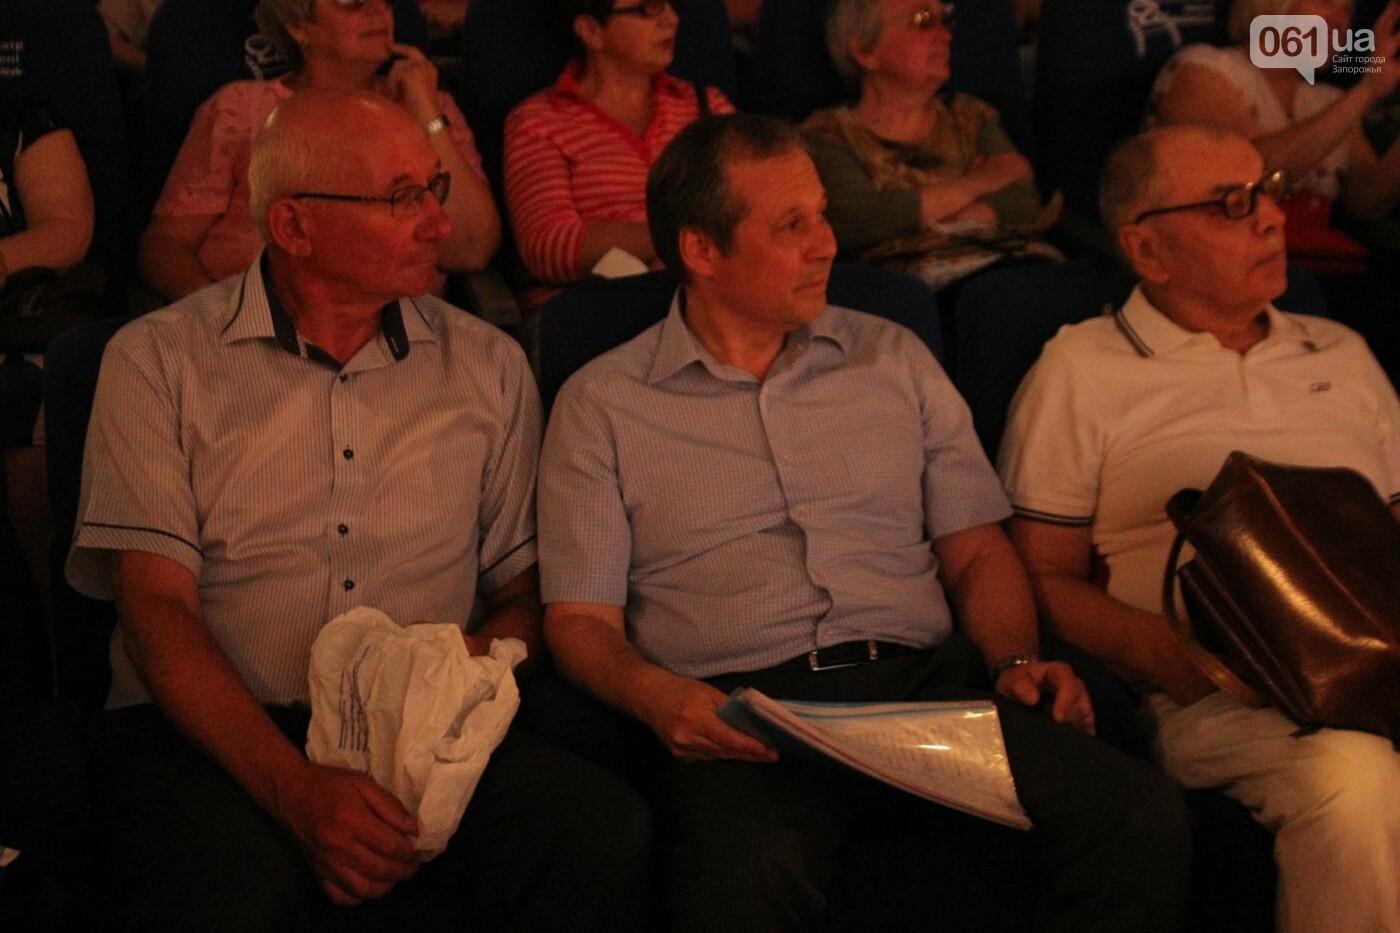 Запорожцы на общественных слушаниях проголосовали против строительства ТЦ Кальцева в сквере Яланского, - ФОТОРЕПОРТАЖ, ВИДЕО, фото-8